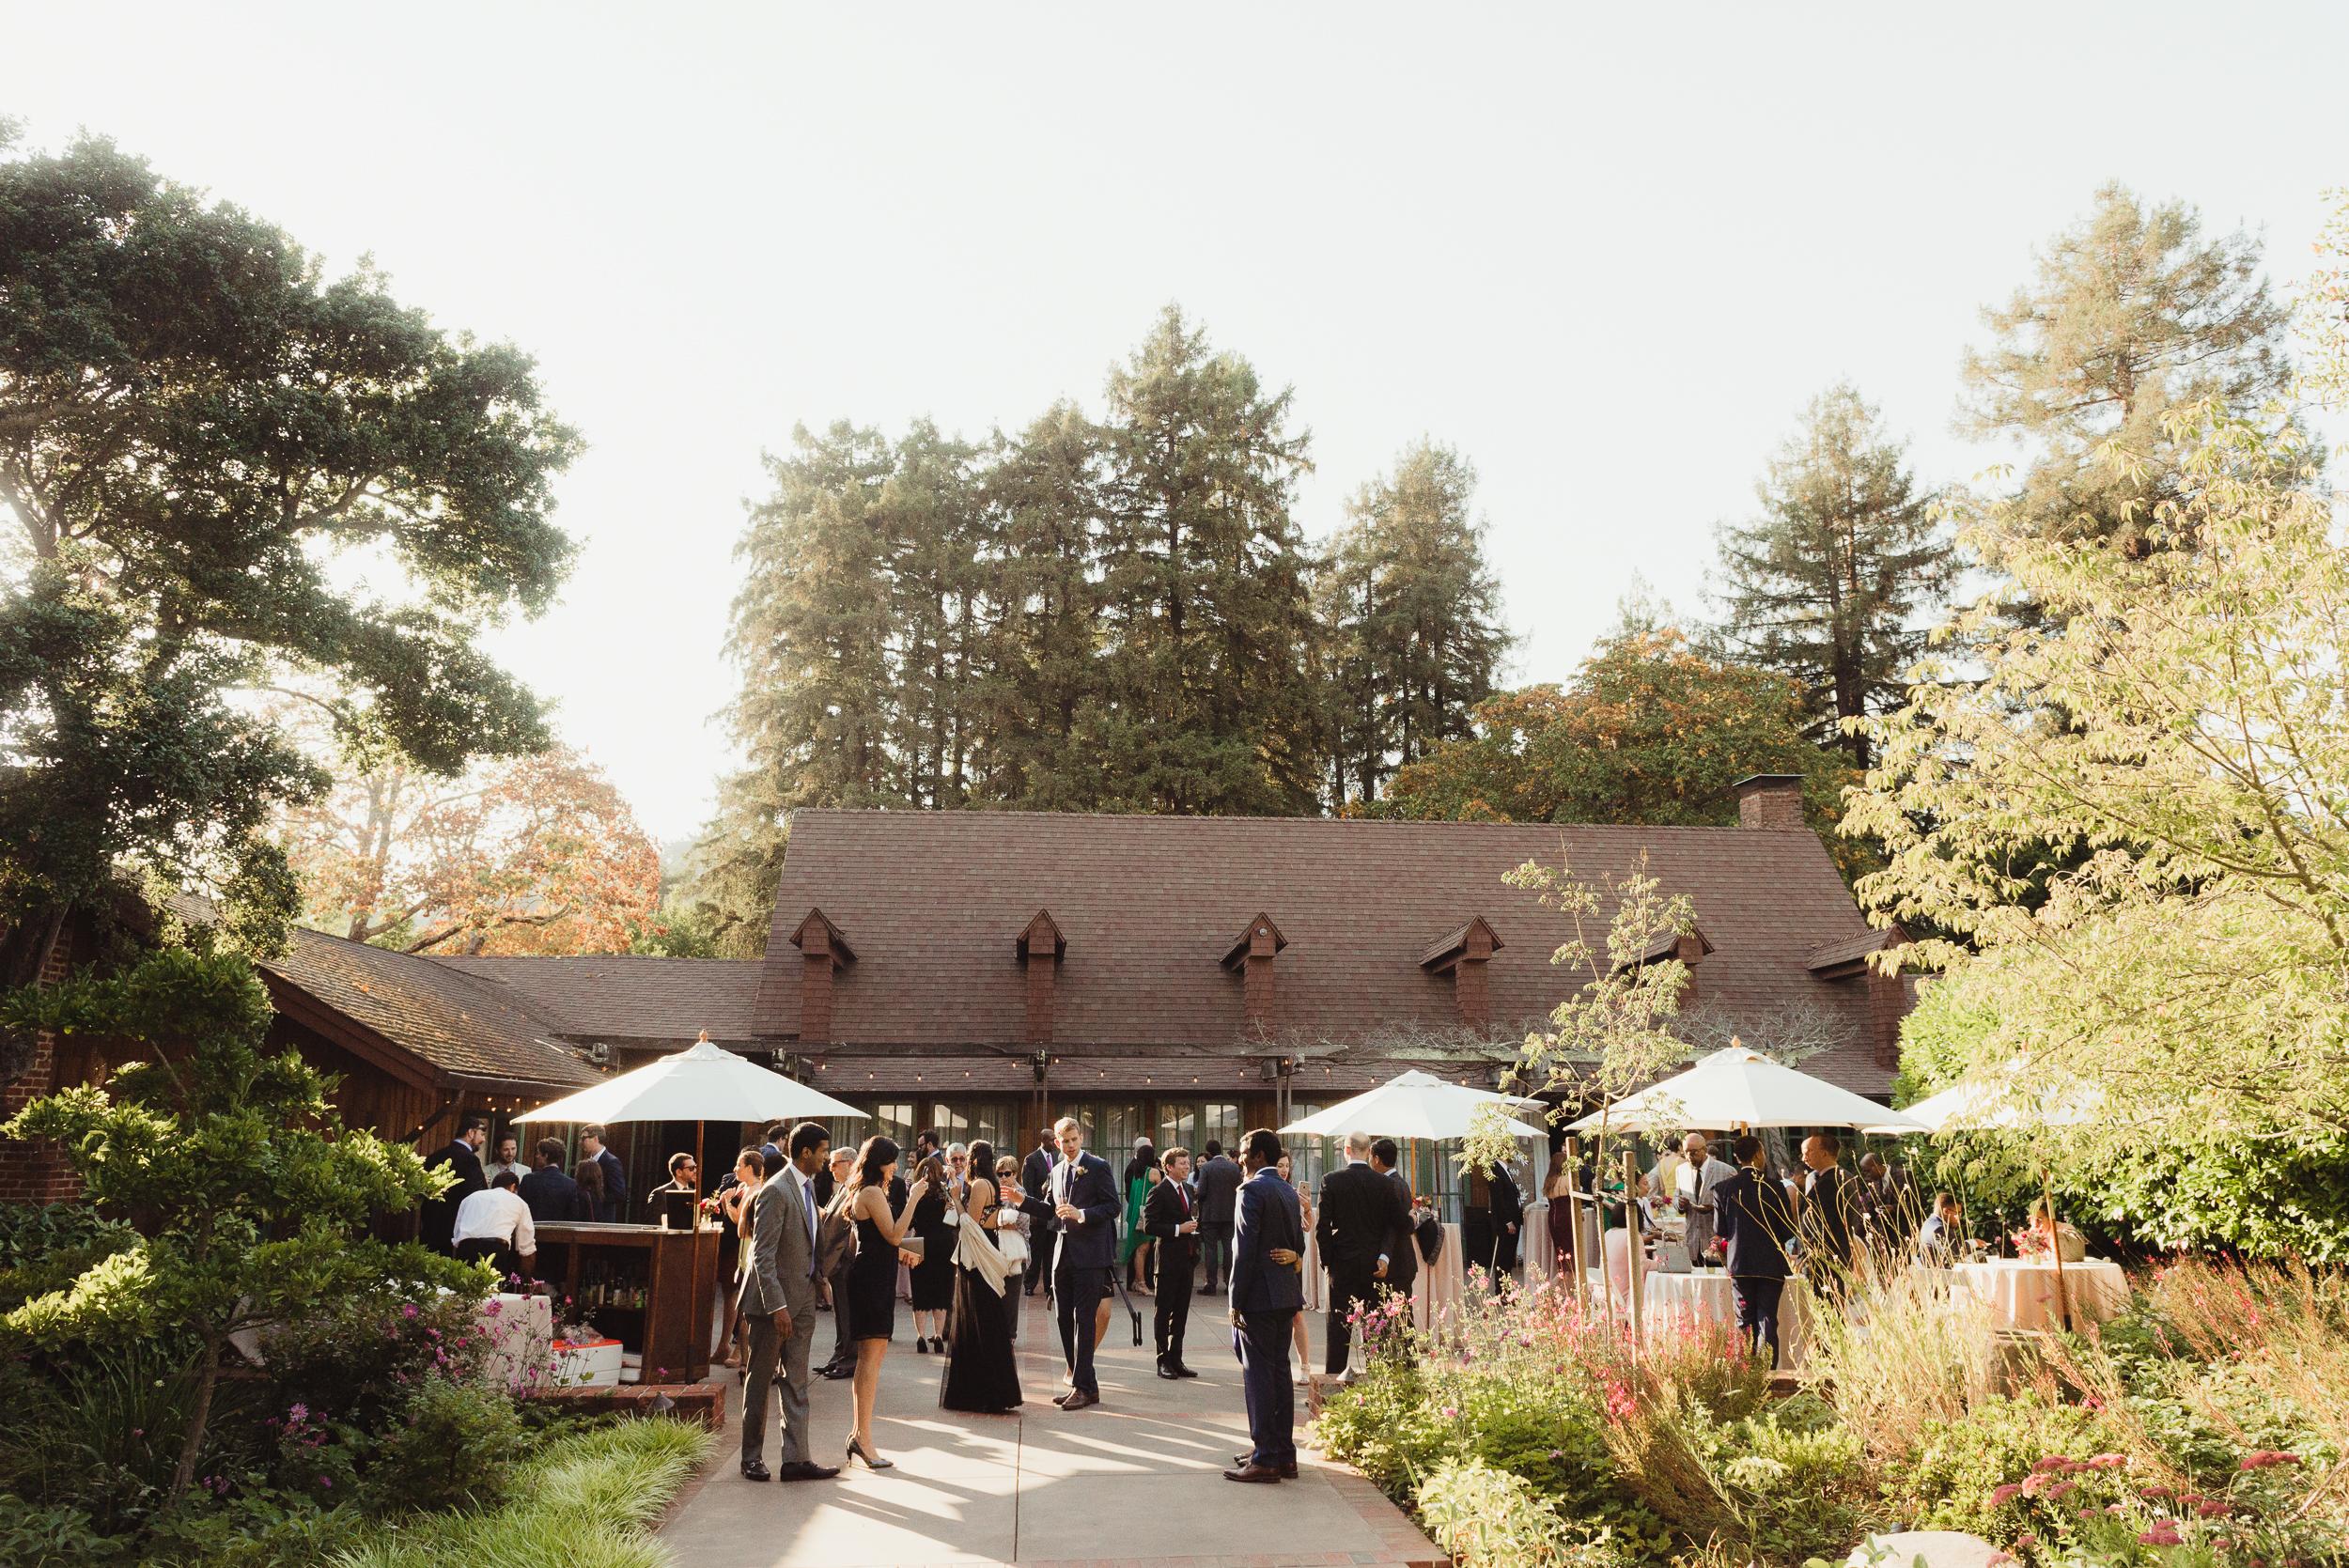 53-outdoor-art-club-wedding-vivianchen-458.jpg